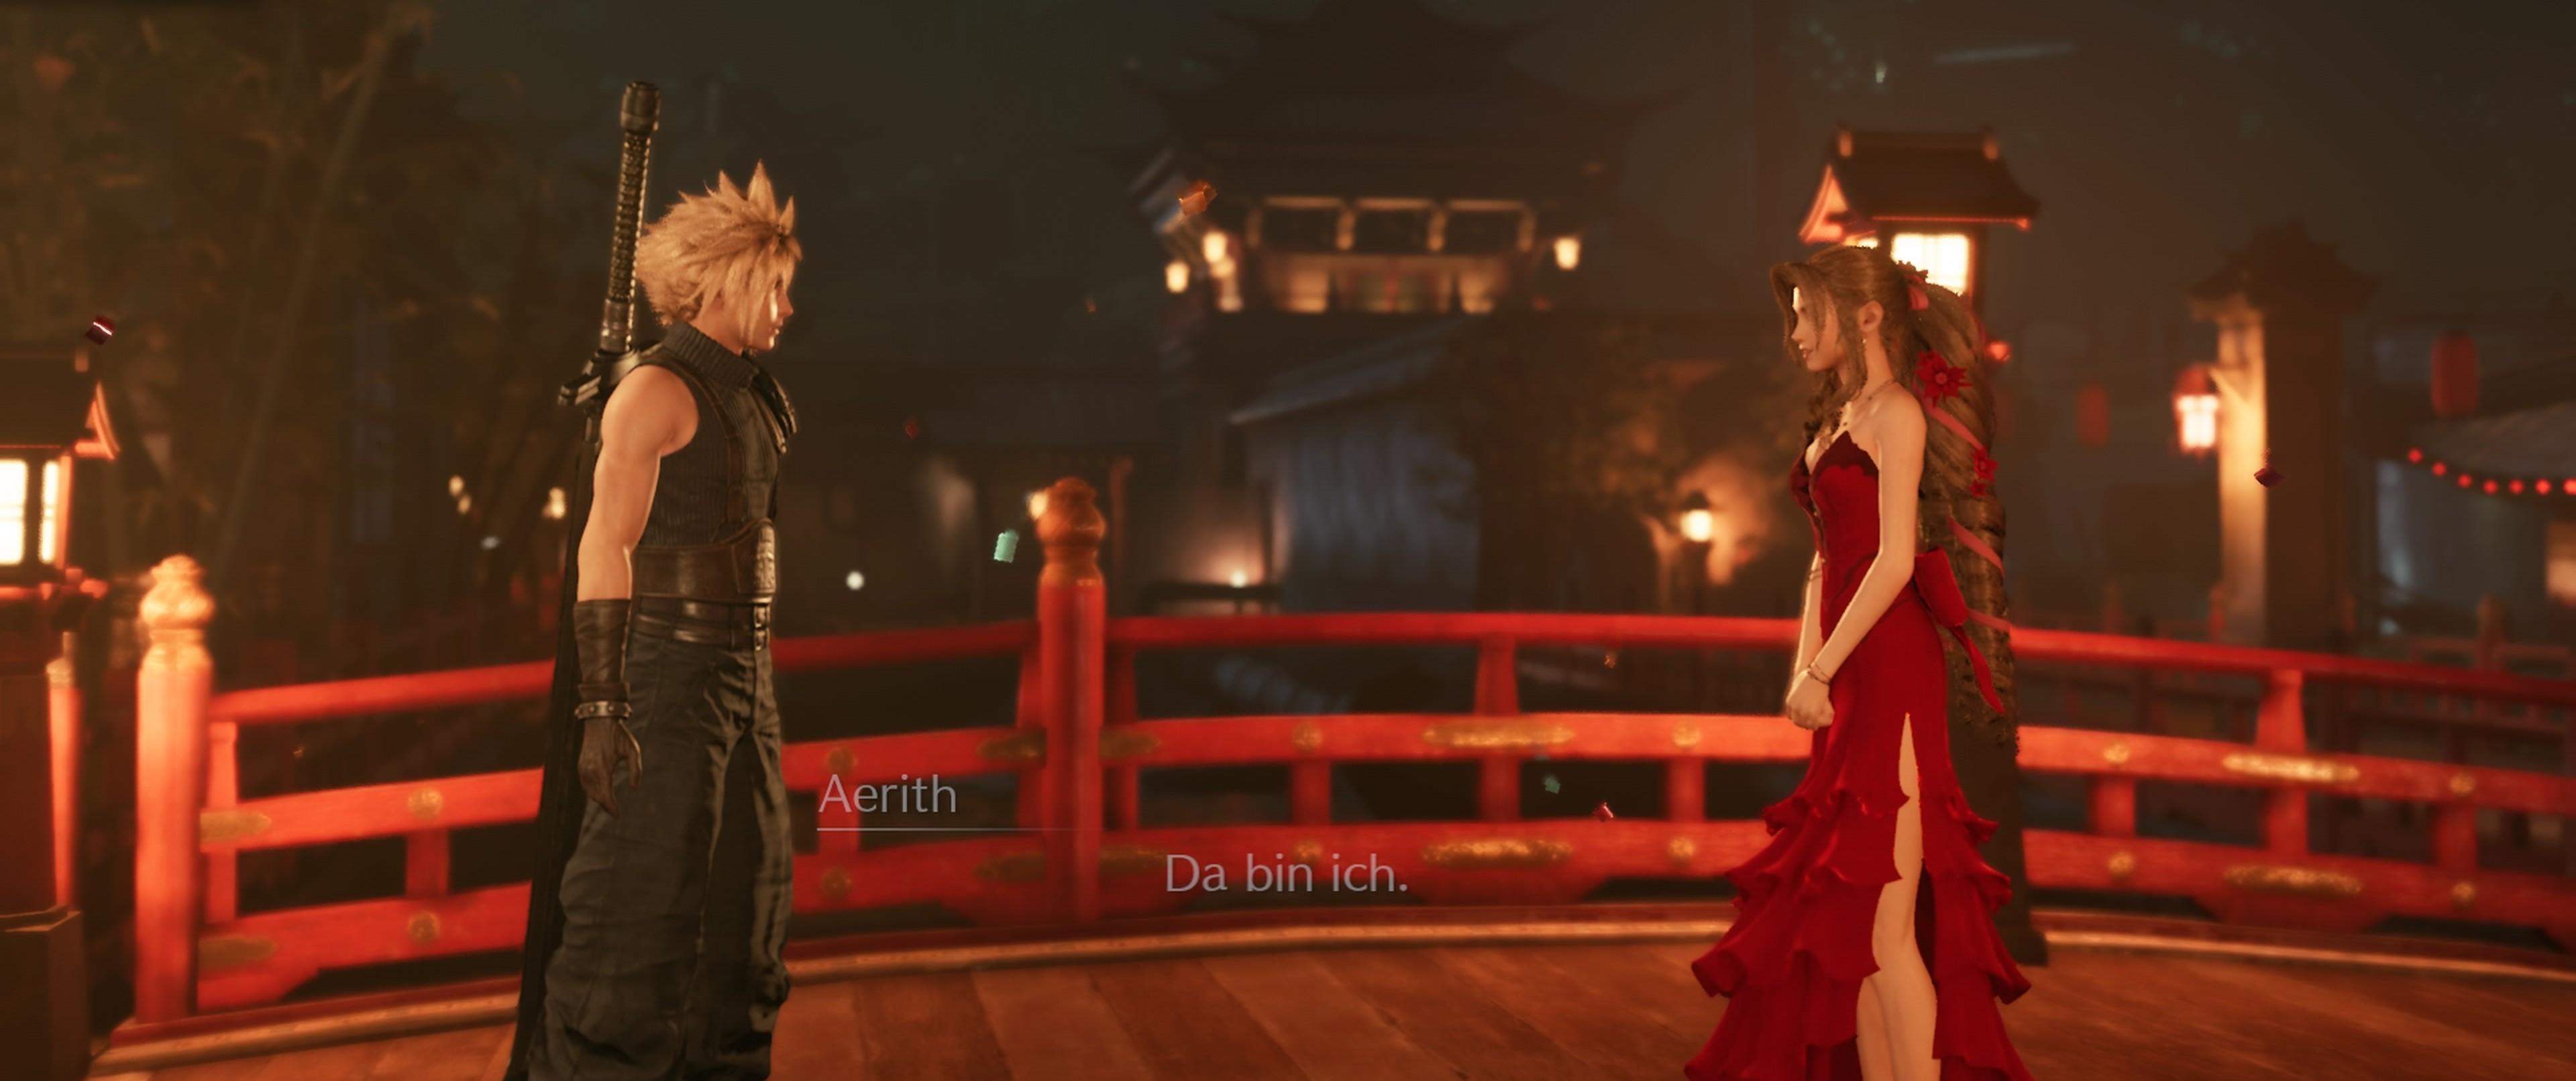 Final Fantasy 7 Remake Alle Kleider Bekommen Du Kannst Alles Tragen Freischalten